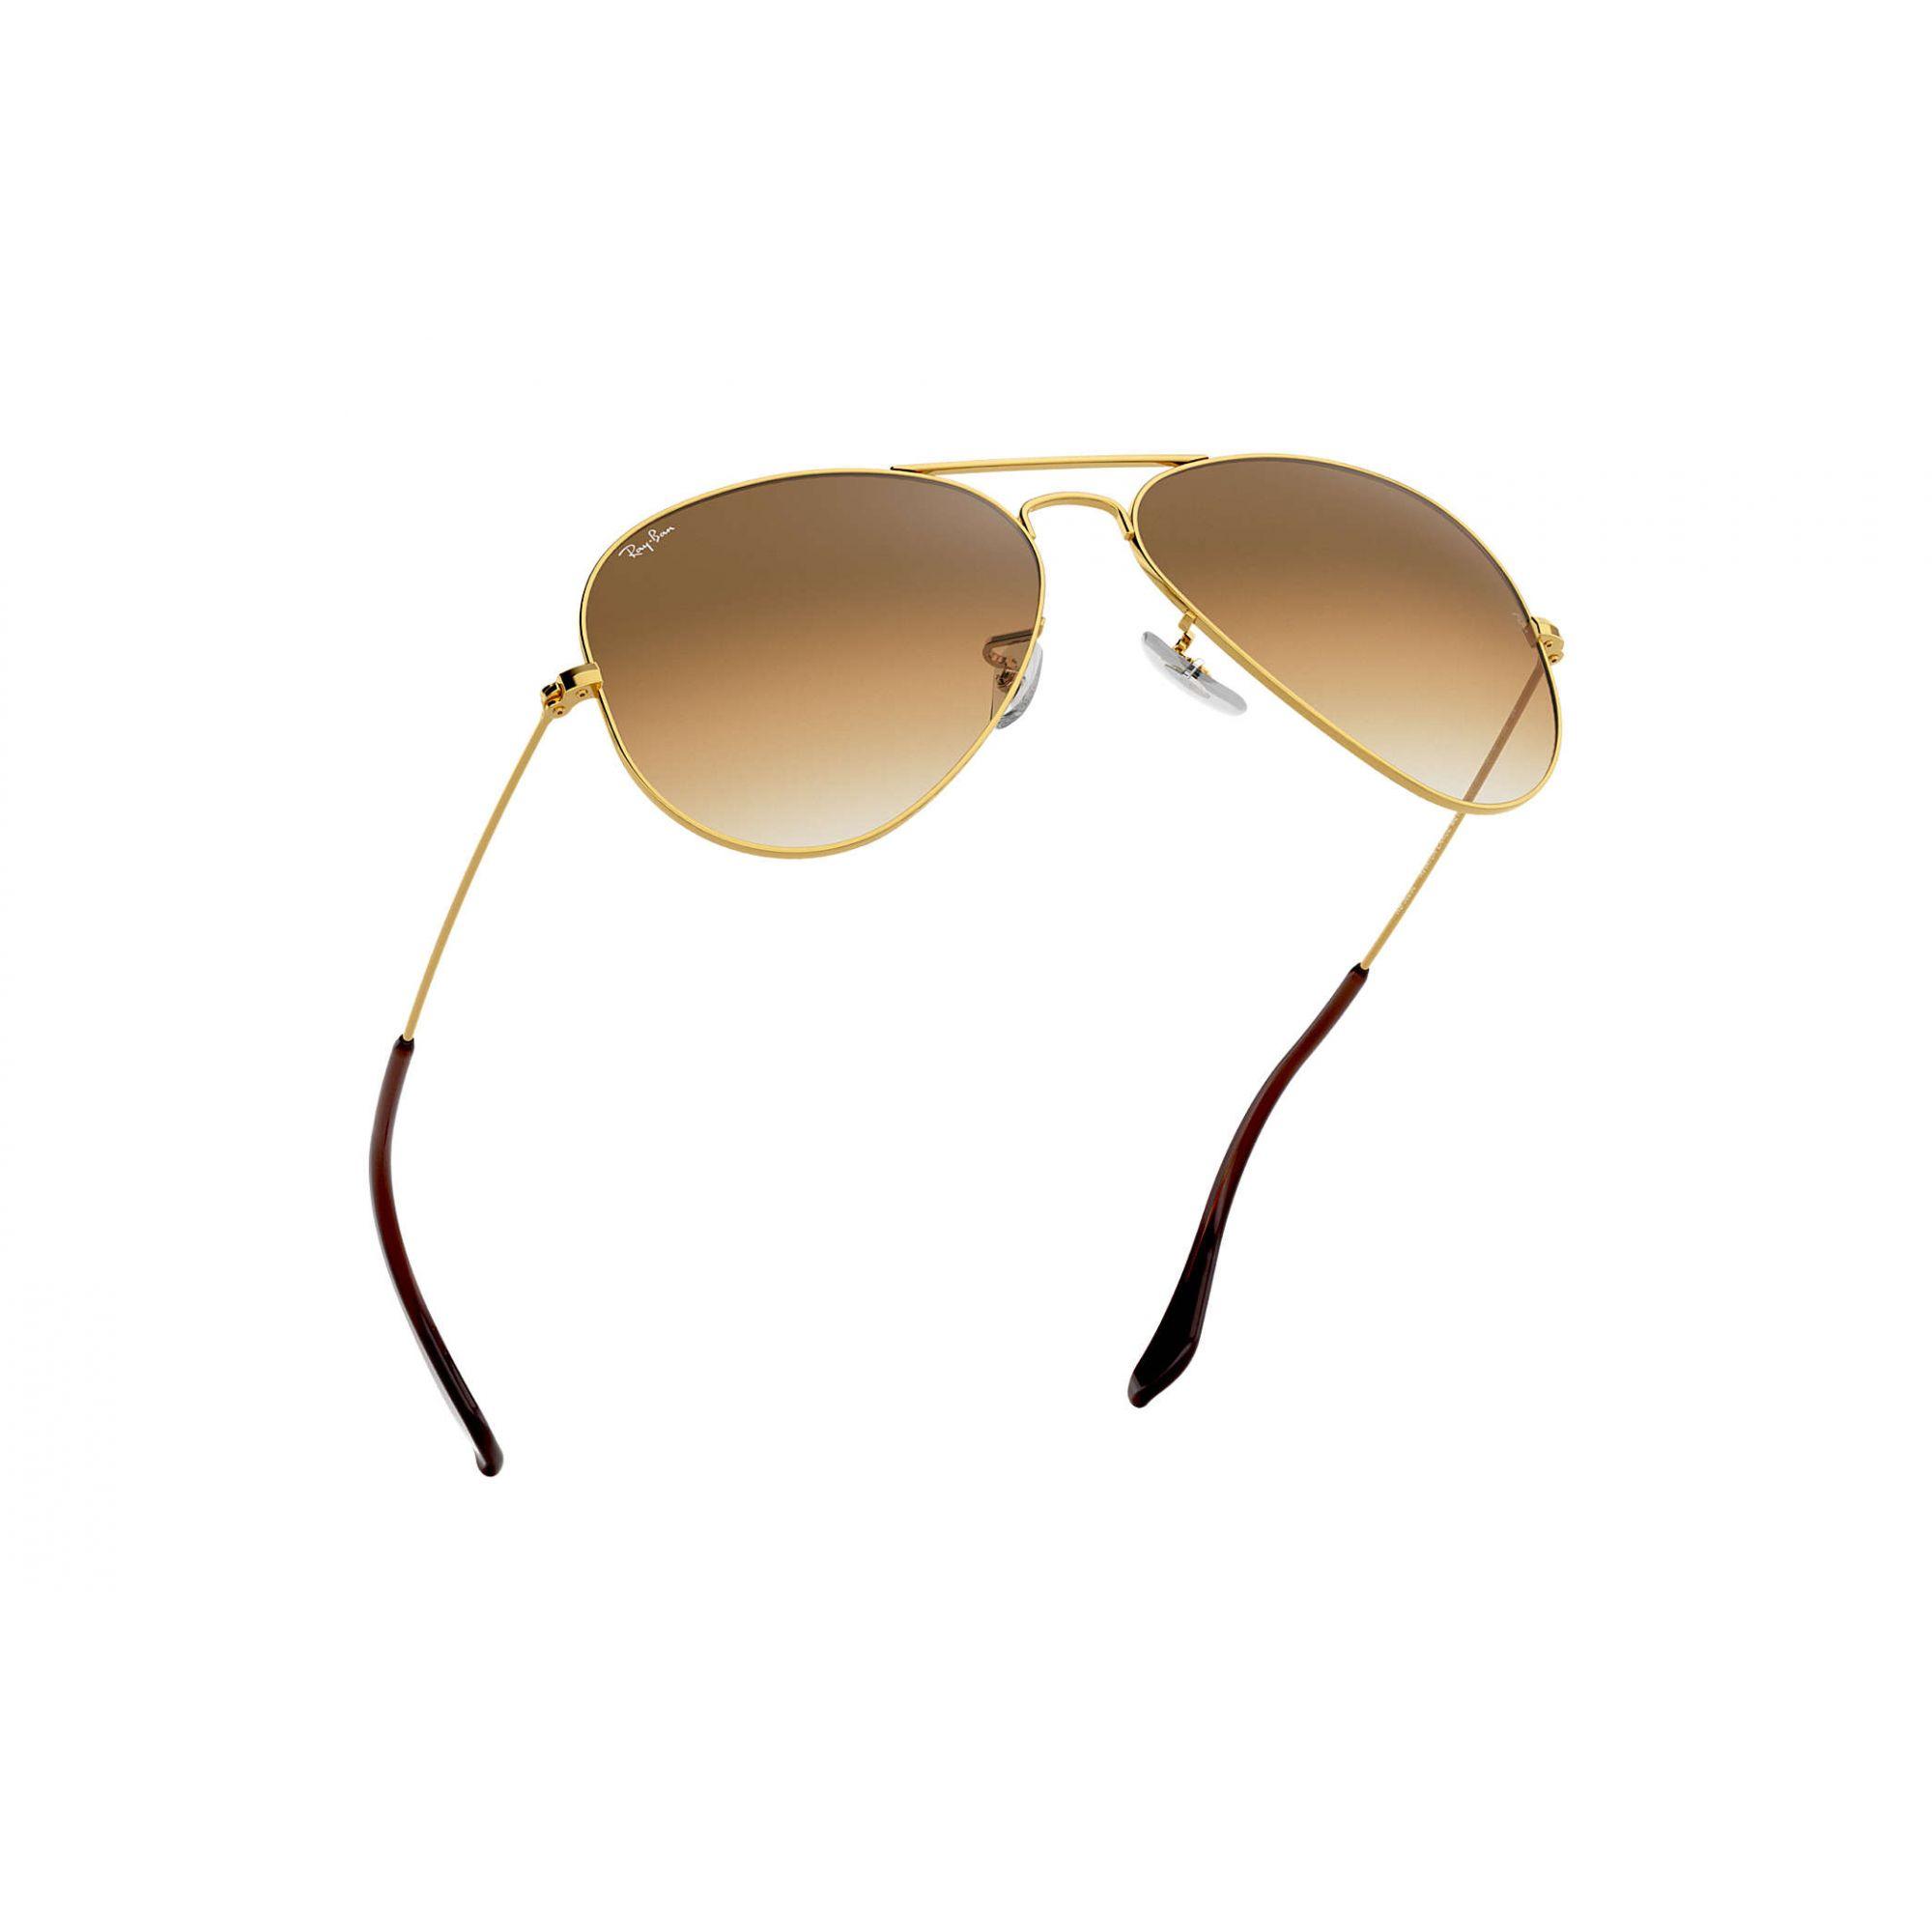 Ray Ban - RB3025L 00151 - Óculos de sol